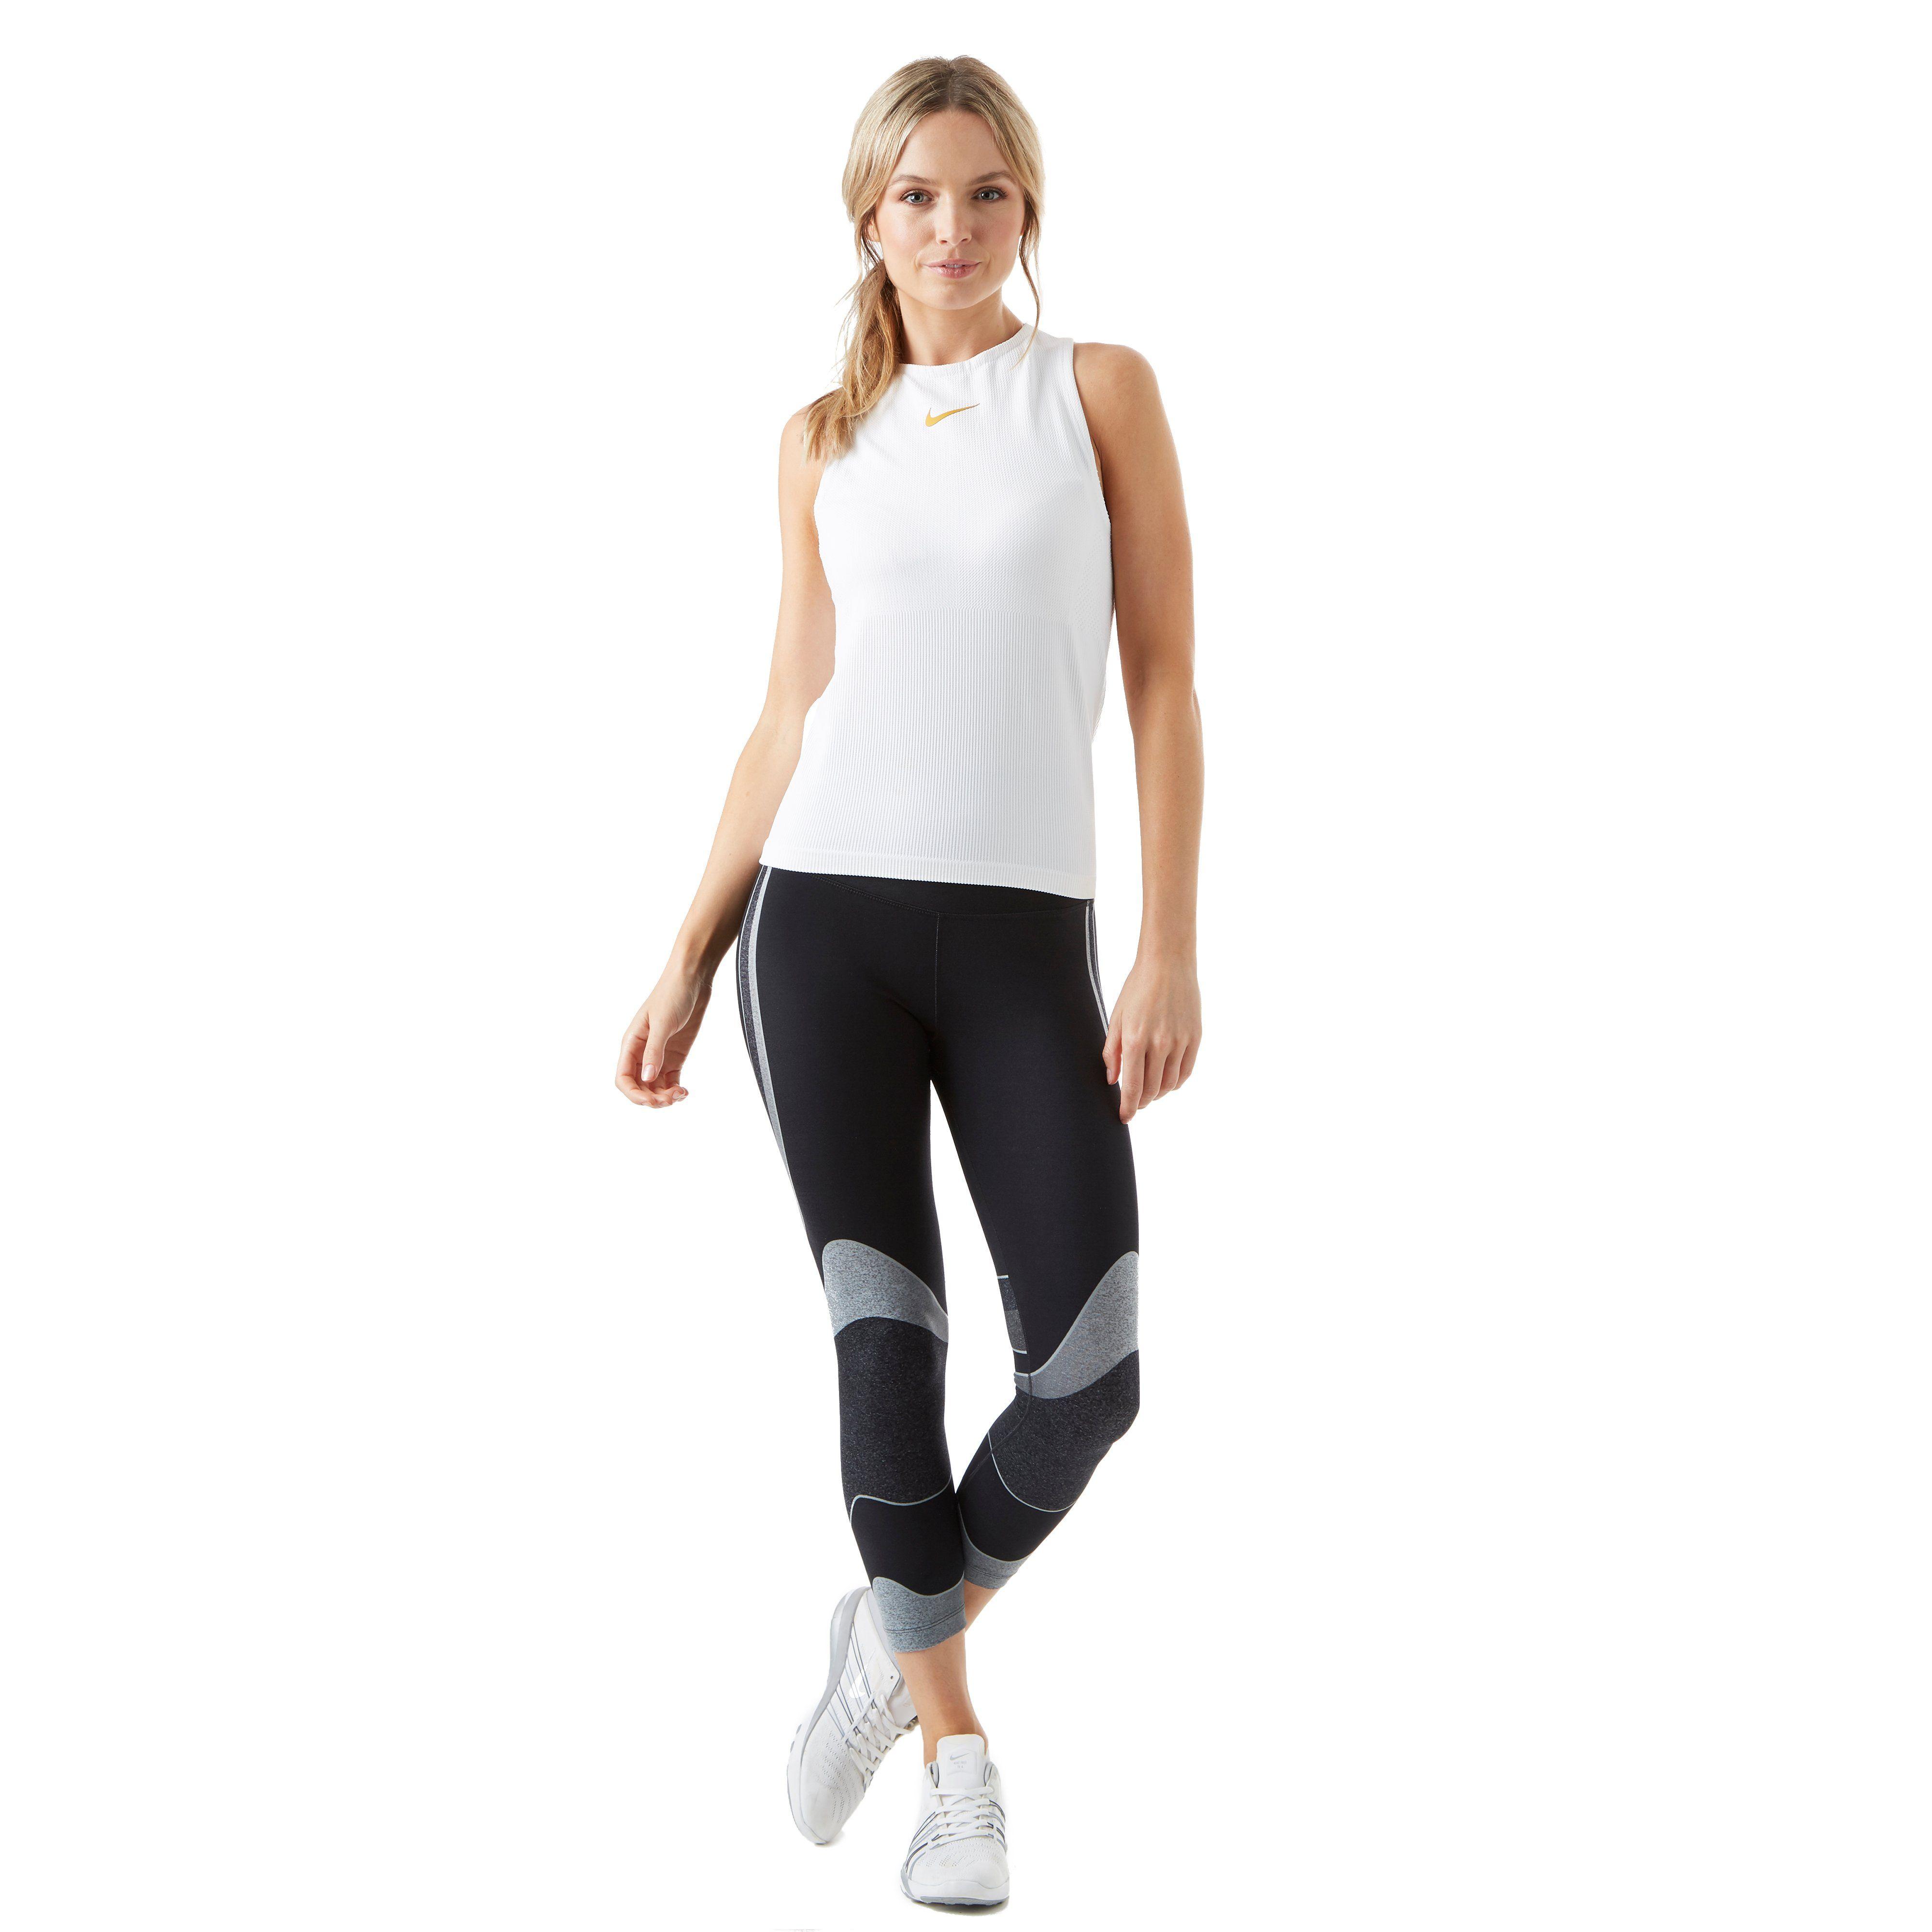 Nike Power Engineered Women's Training Tights